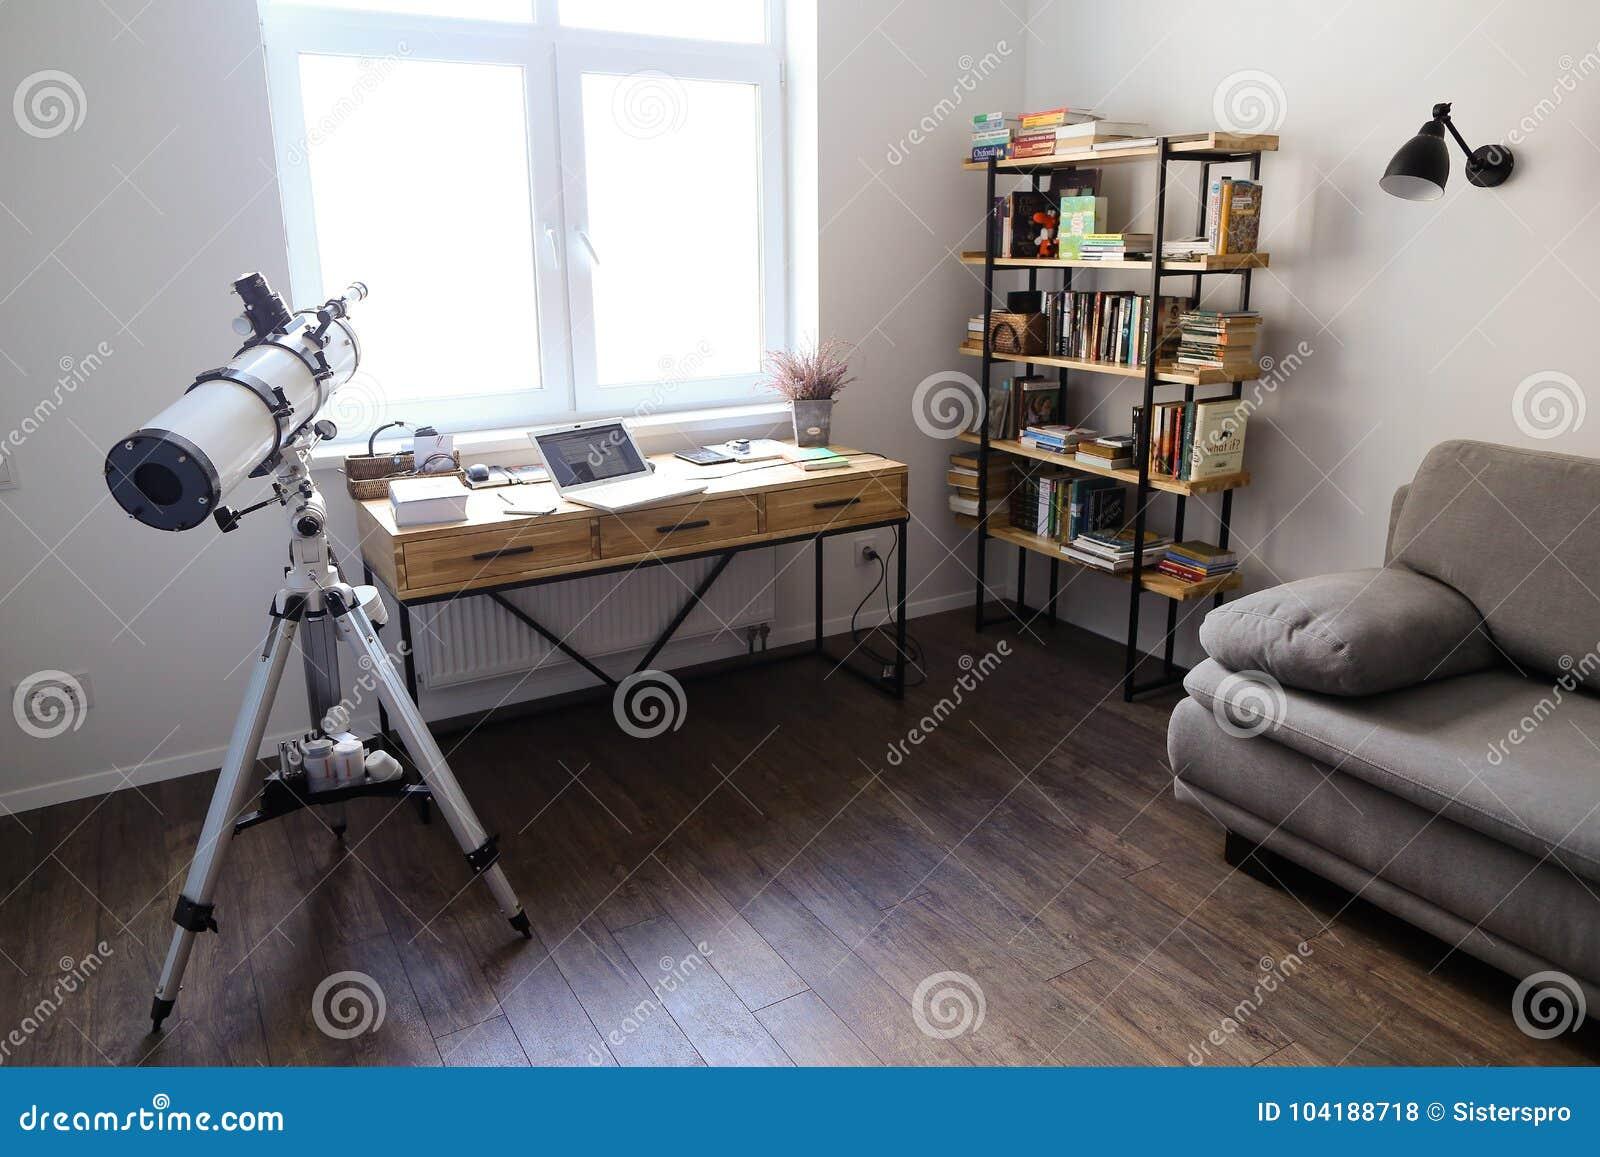 Σχέδιο και εξοπλισμένο γραφείο για την εργασία με τις συσκευές στο spacio